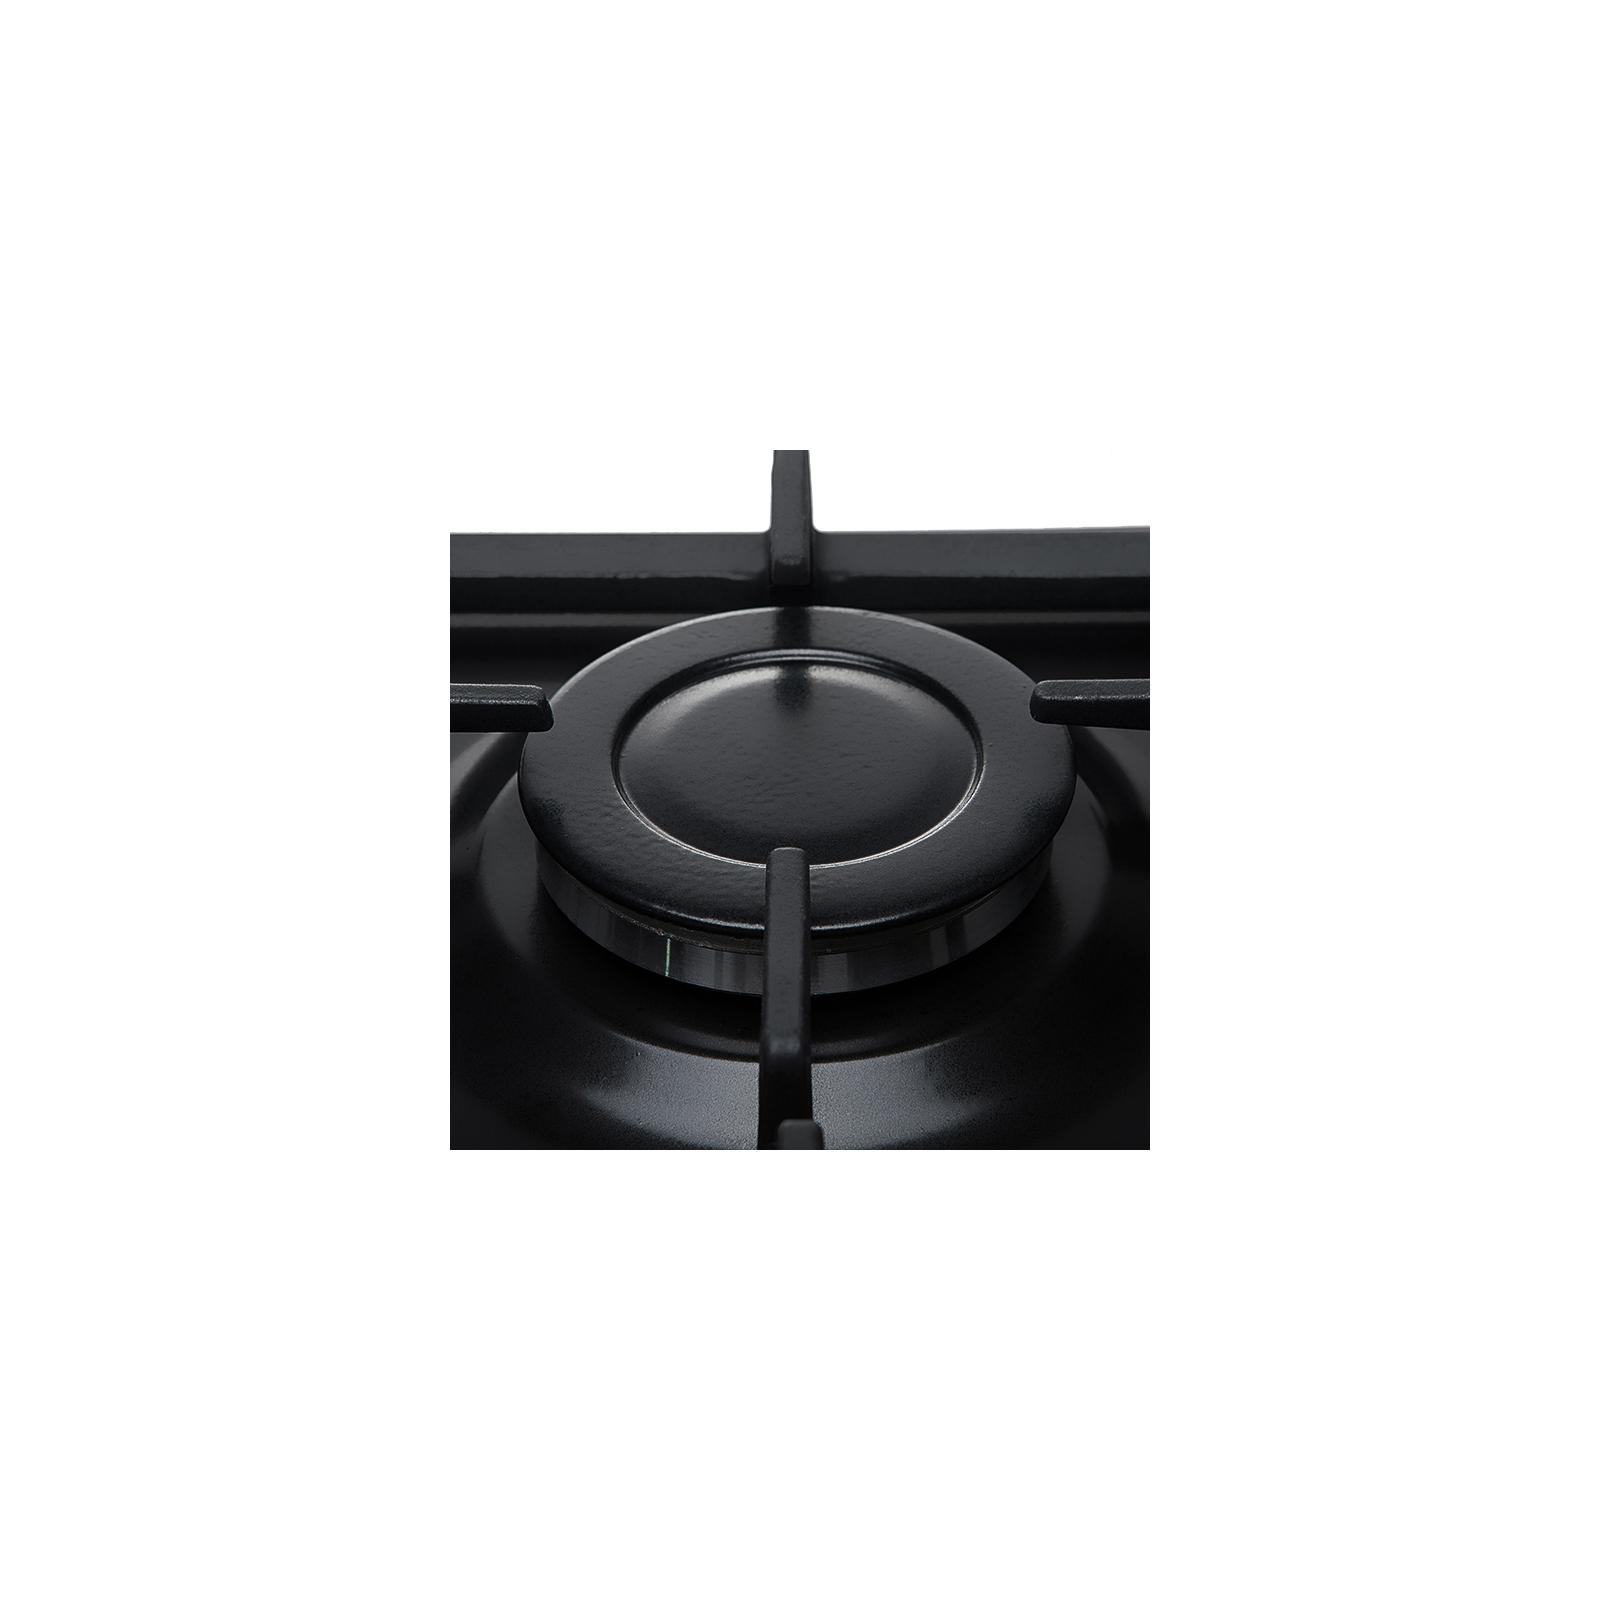 Варочная поверхность Interline H 6400 VGR изображение 4